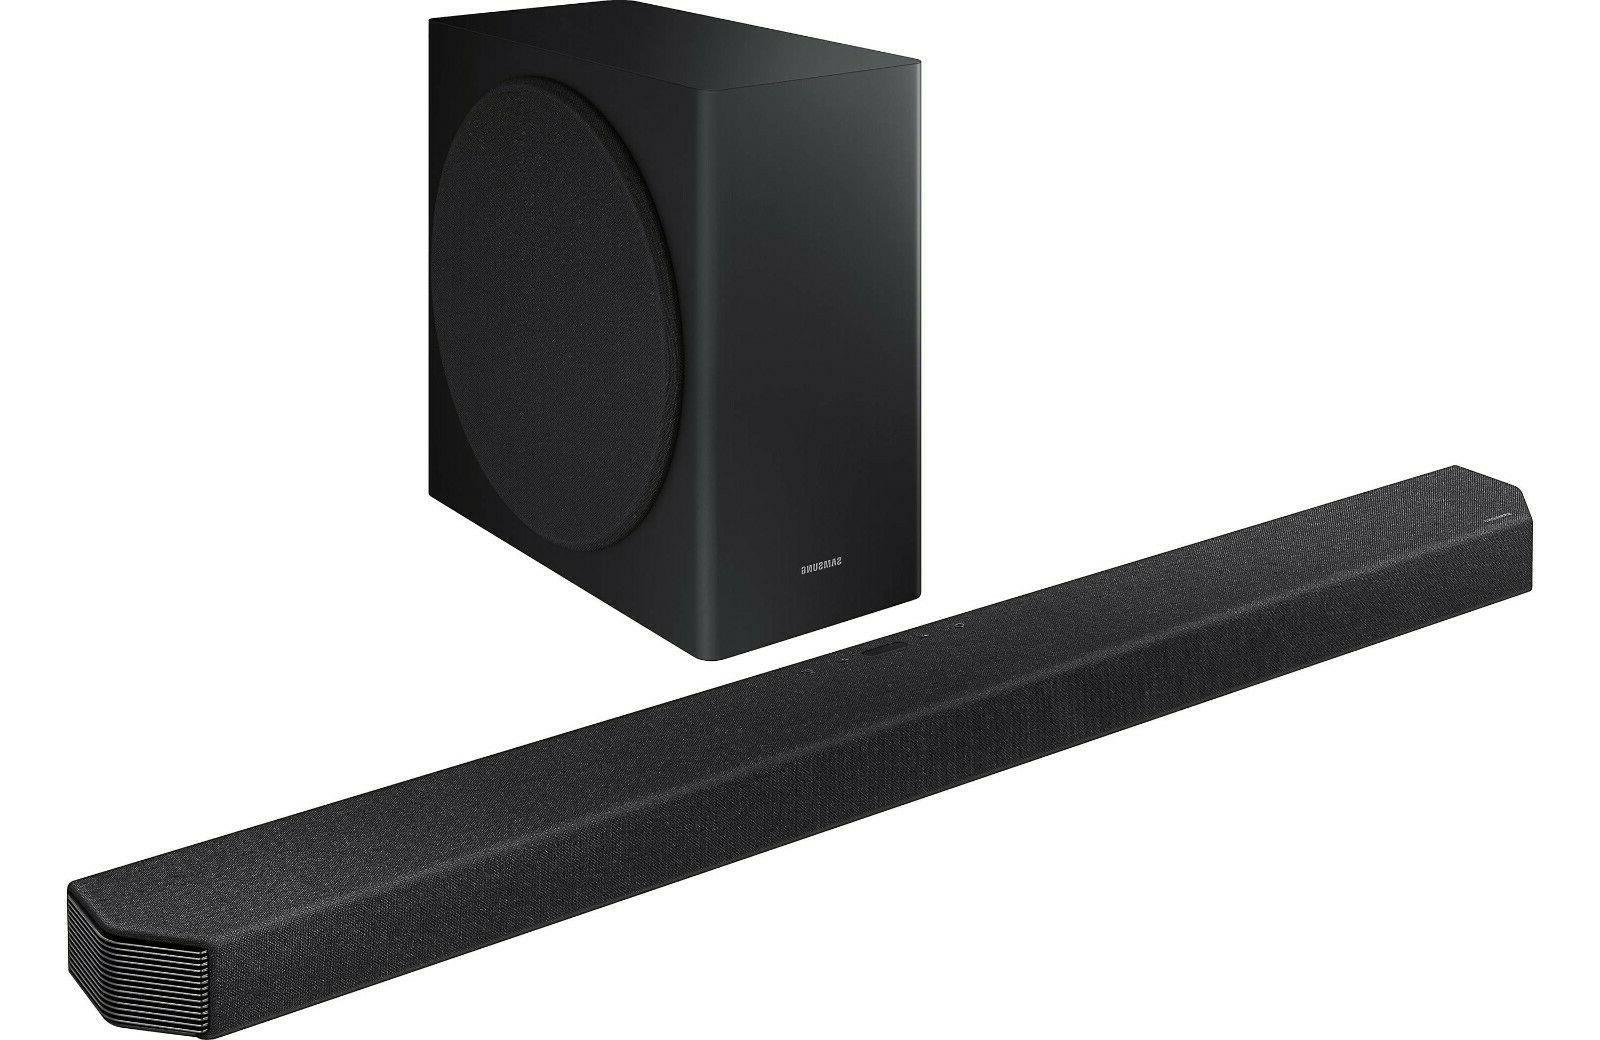 hw q900t 7 1 2 channel sound